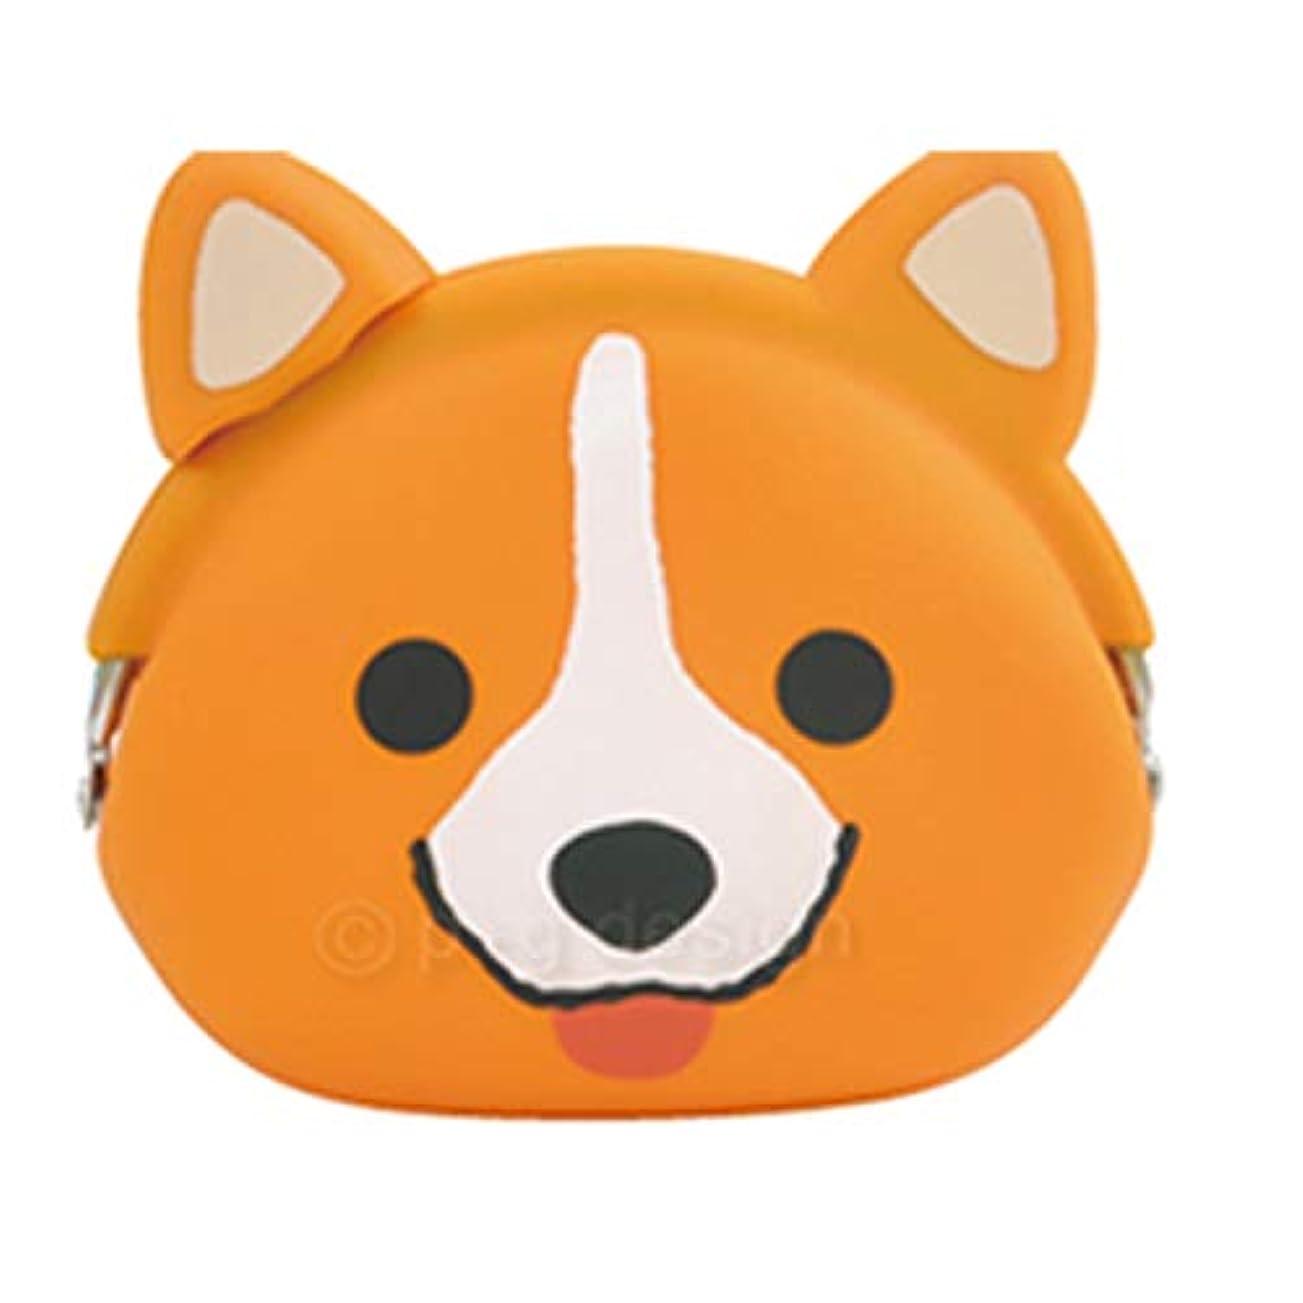 自殺正確な期限mimi POCHI Friends ミミ ポチ フレンズ‐シリコン製 がまぐち 財布 コインケース アクセサリーポーチ ピージーデザイン どうぶつ さいふ (コーギー)